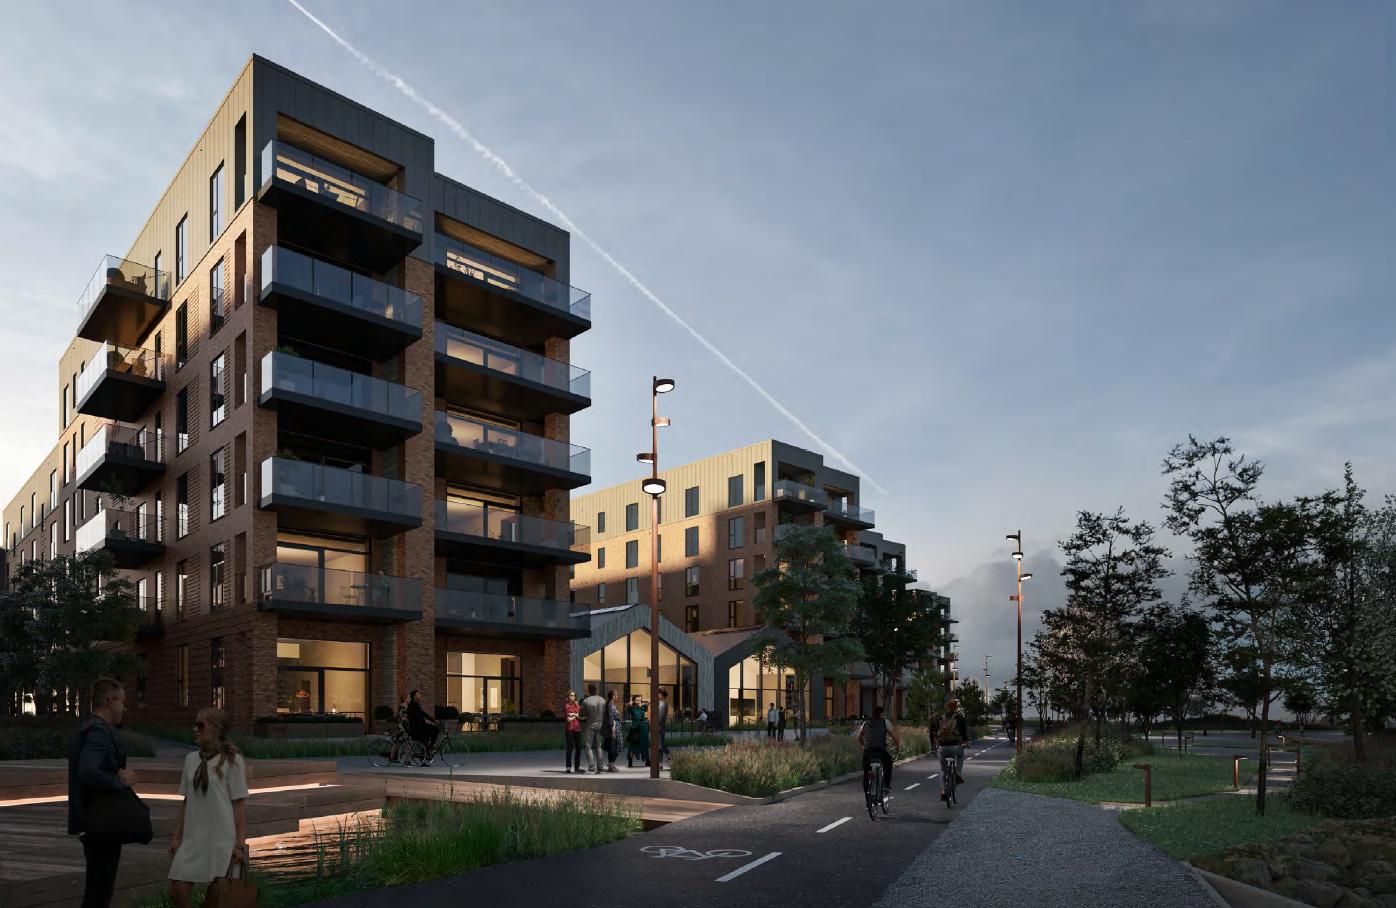 Rejsegilde på Havnebryggen: Her kommer 91 nye boliger direkte ud til Limfjorden